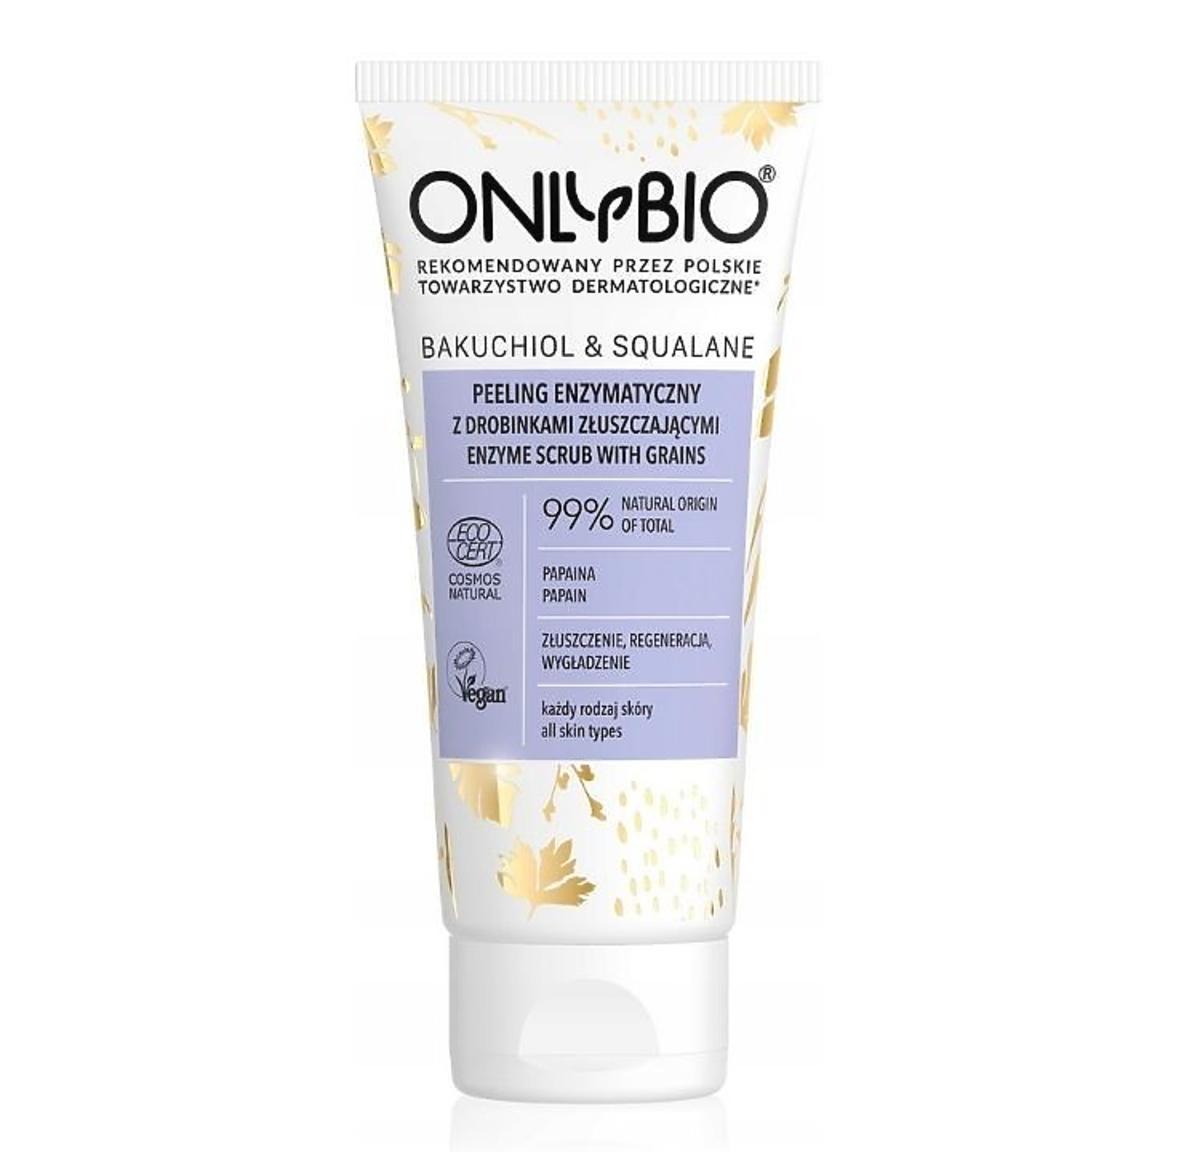 Peeling enzymatyczny z drobinkami złuszczającymi do twarzy Bakuhiol&Skwalan OnlyBio